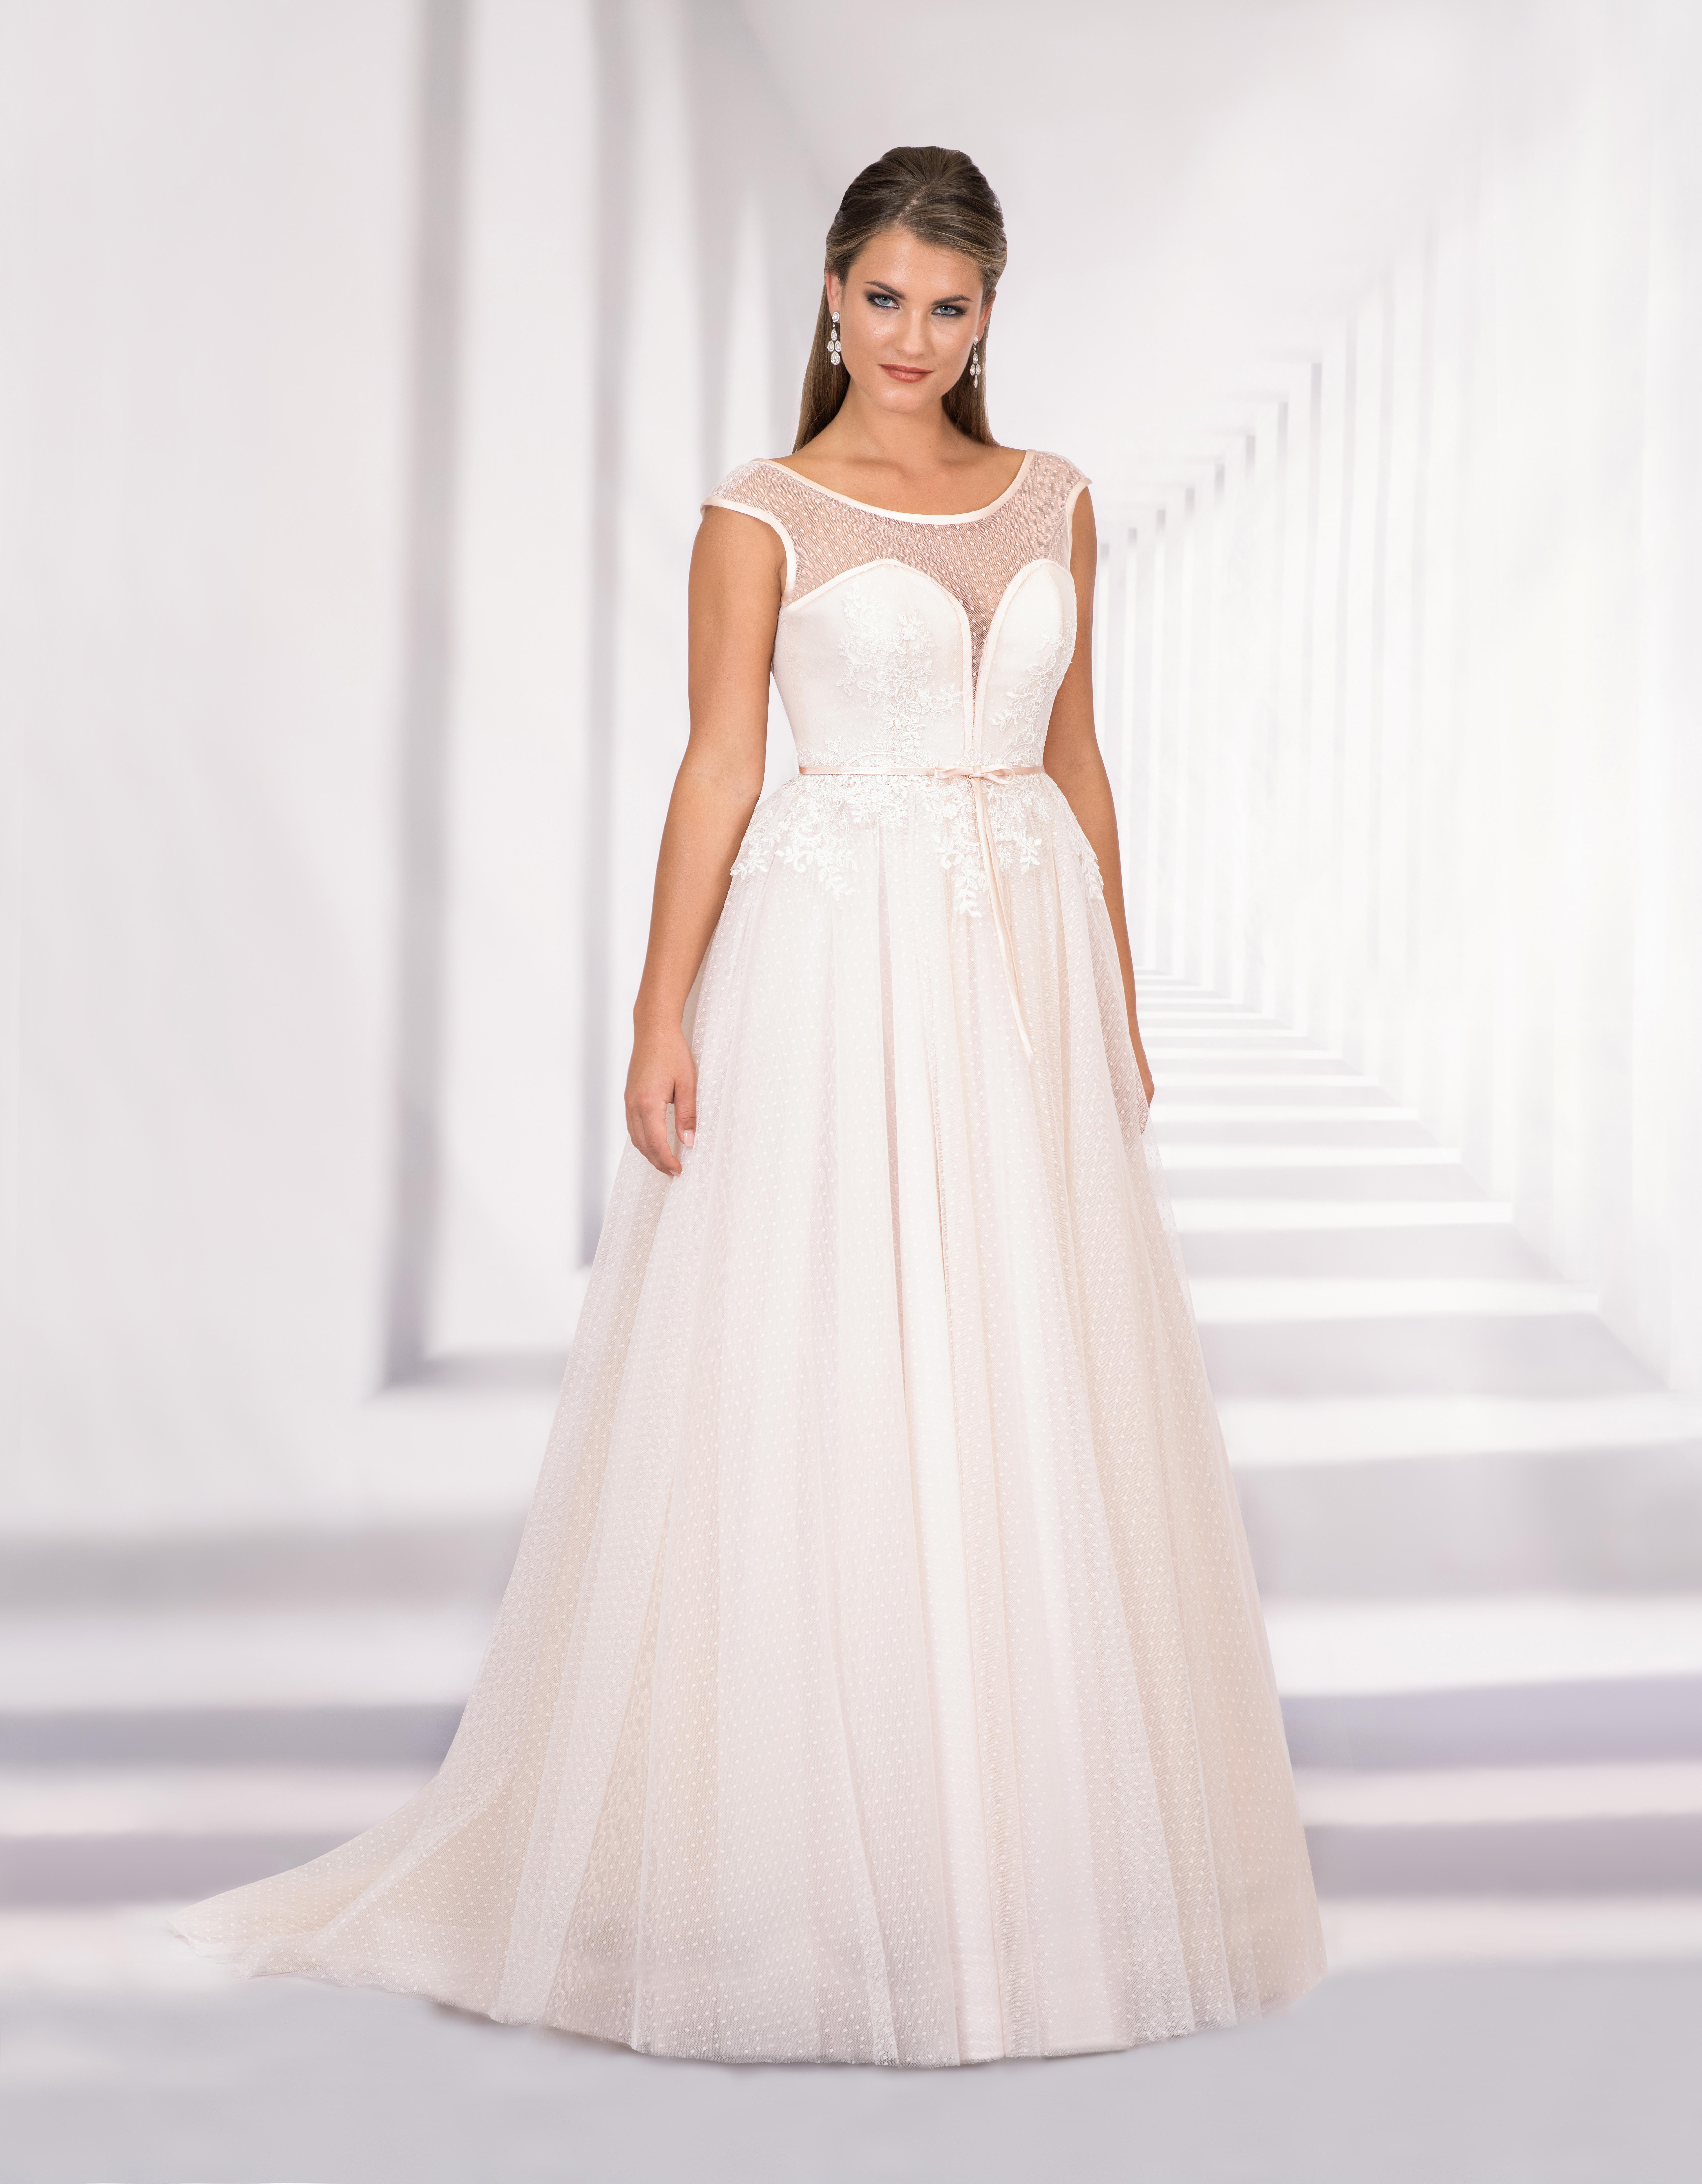 Bodenlanges Brautkleid mit Herzausschnitt und transparentem Oberteil